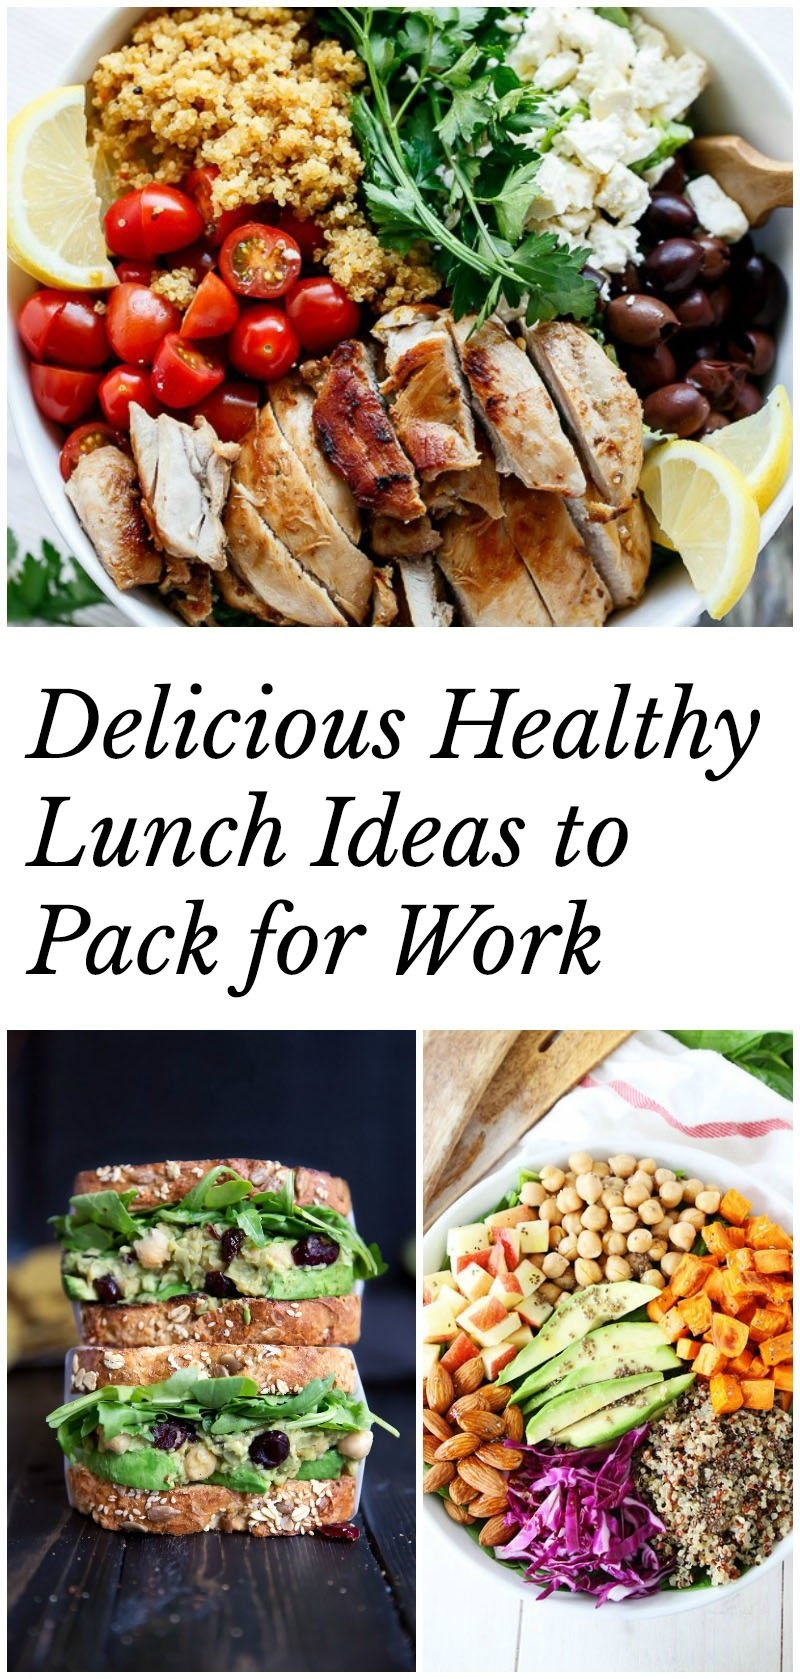 10 Elegant Easy Healthy Lunch Ideas For Work healthy lunch ideas to pack for work 40 recipes 16 2020